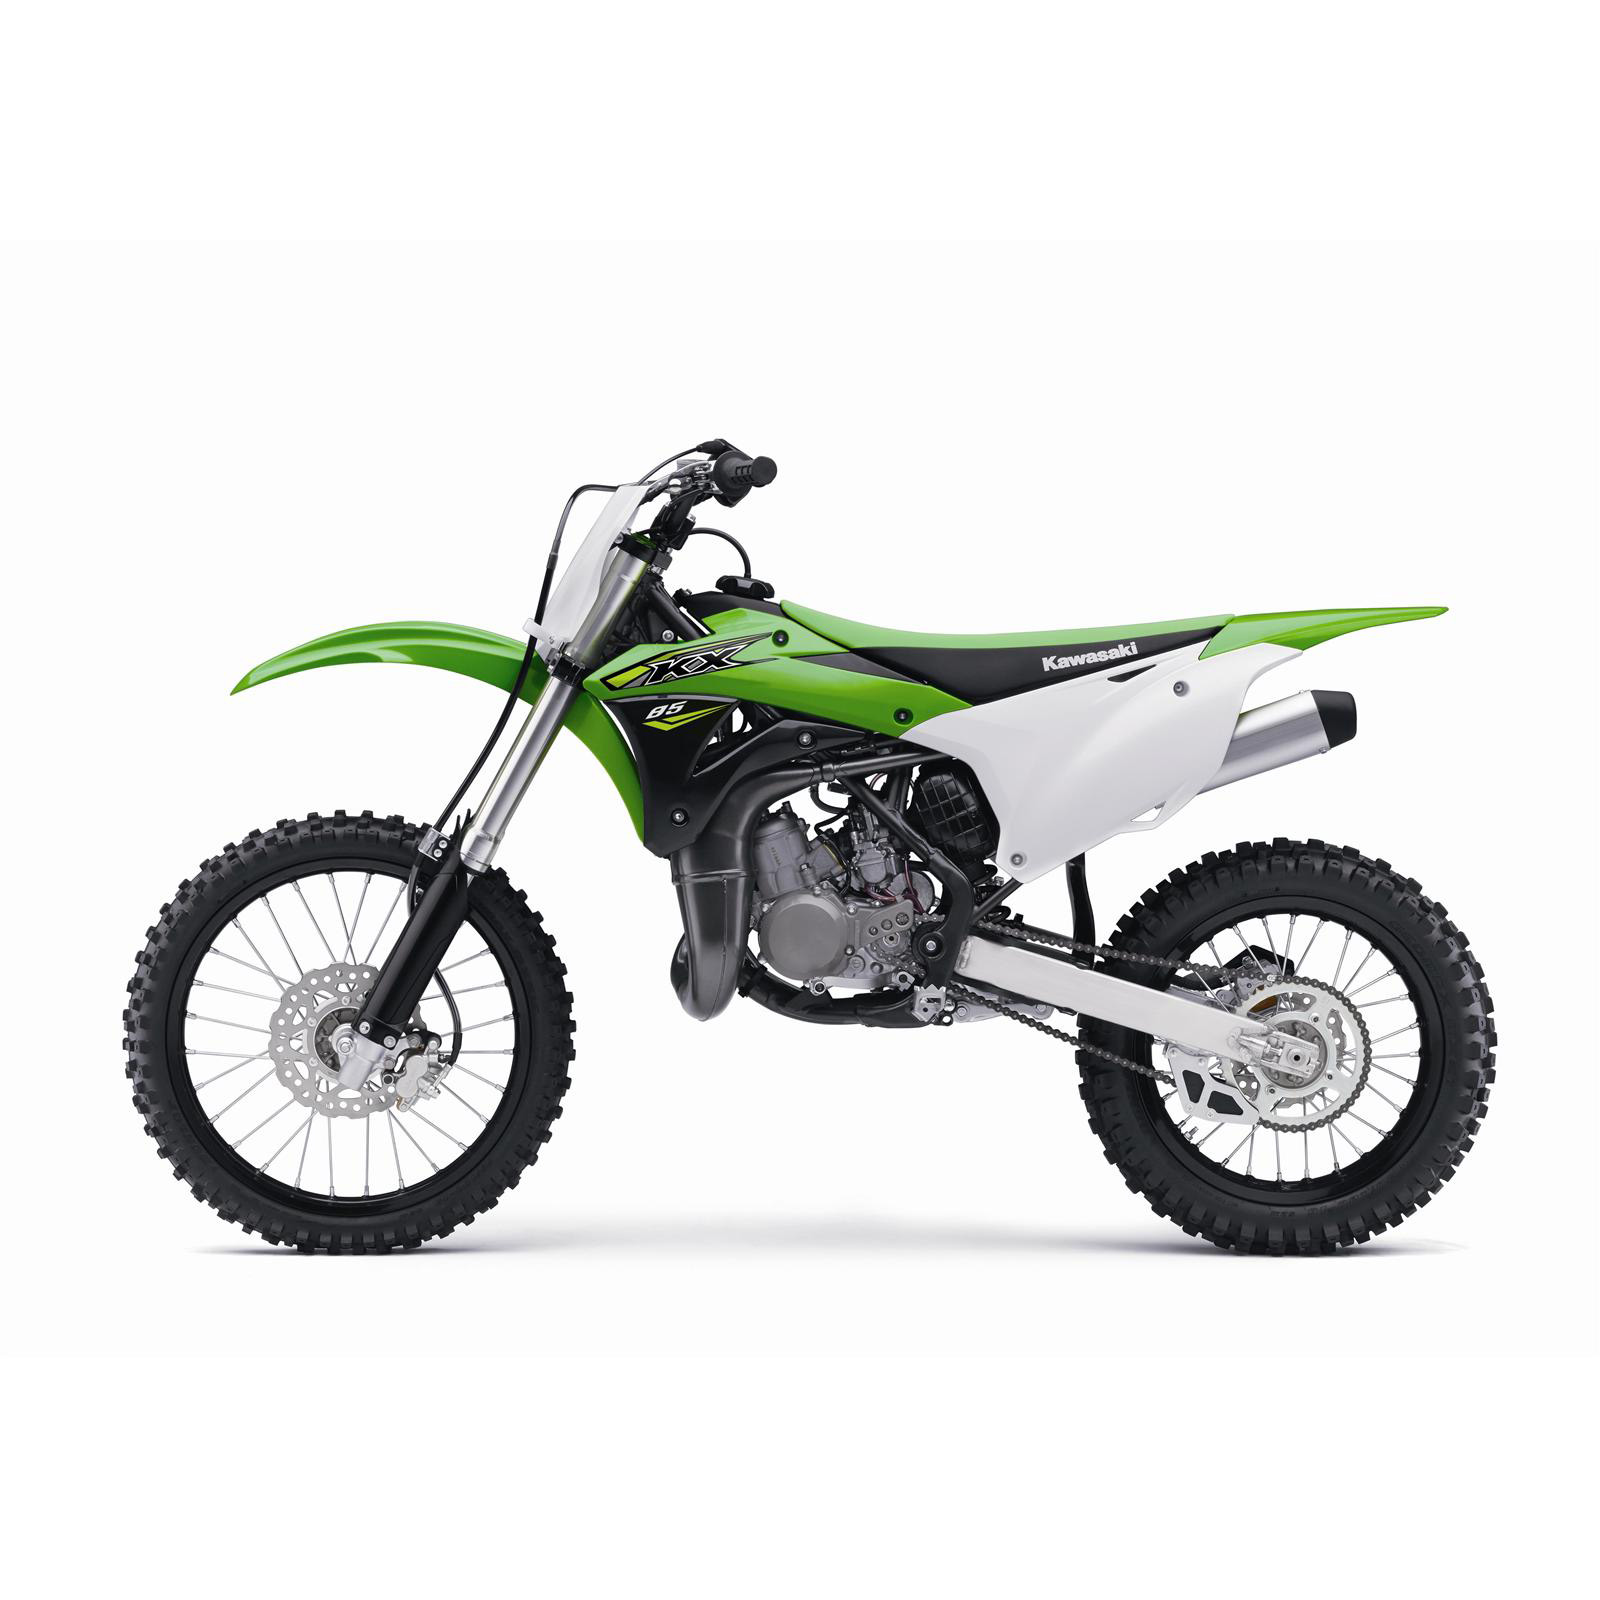 KX250F Kawasaki